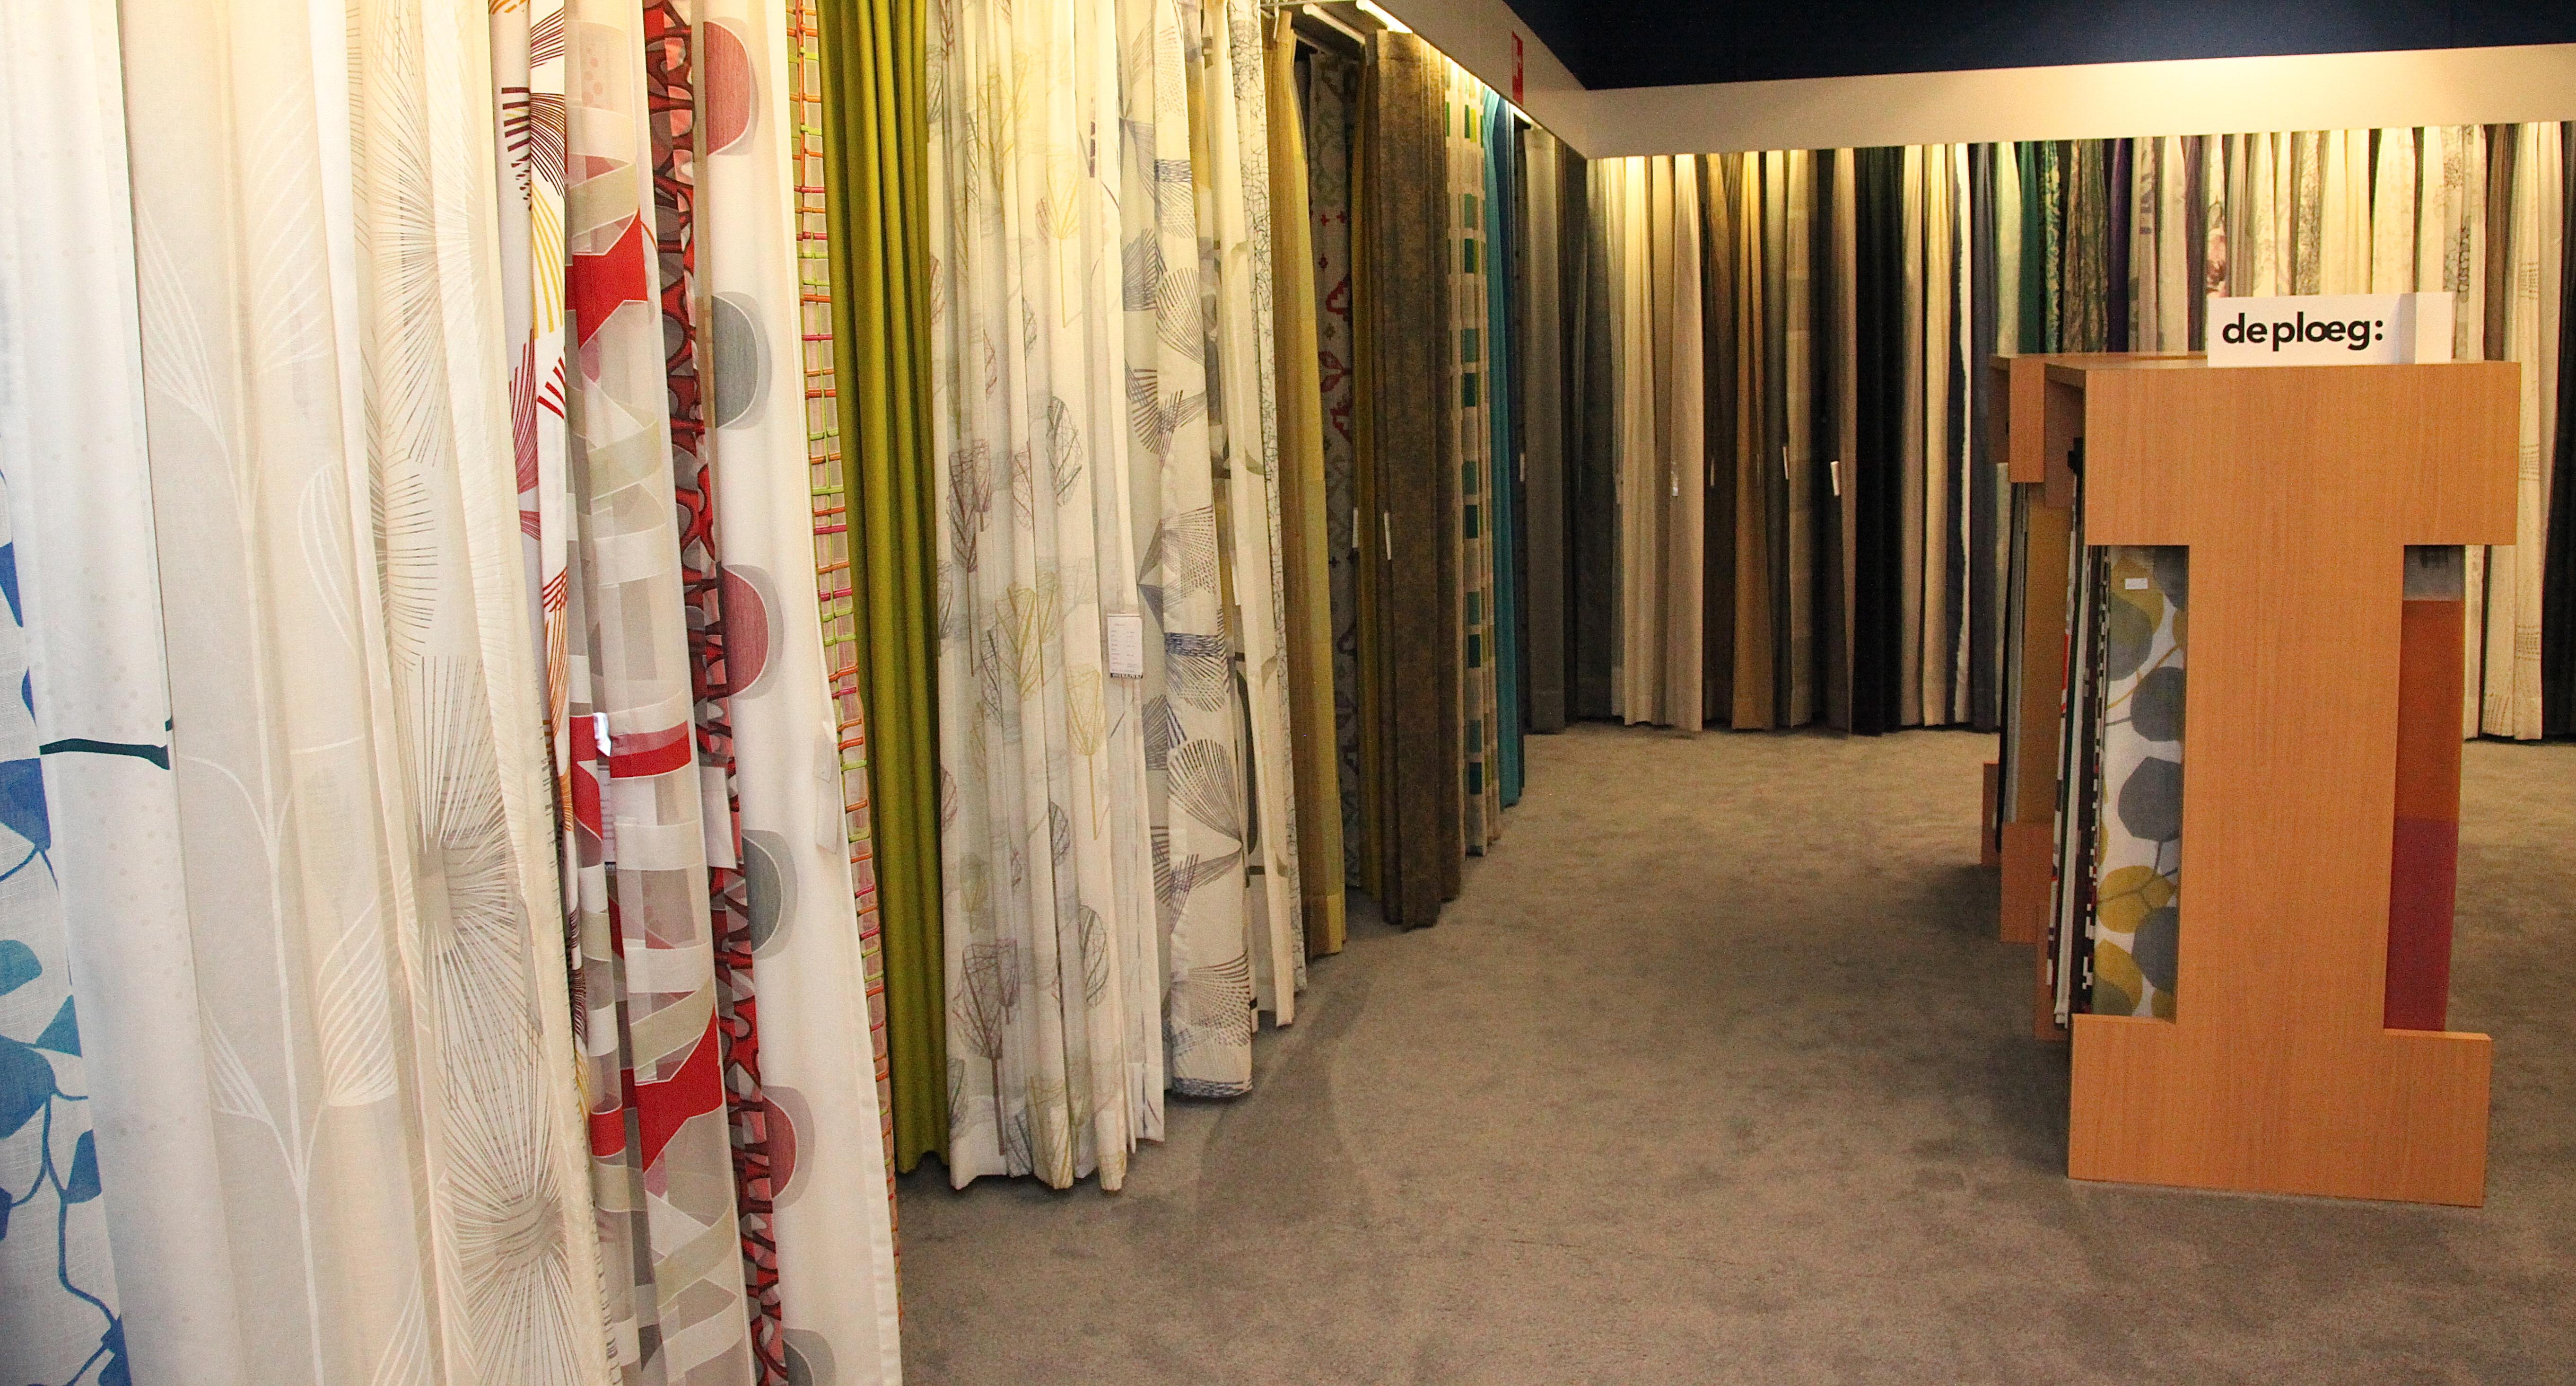 welkom bij woninginrichting van nuland in onze winkel vindt u een ruim aanbod in pvc vloeren gordijnen vloerbedekking en raamdecoratie